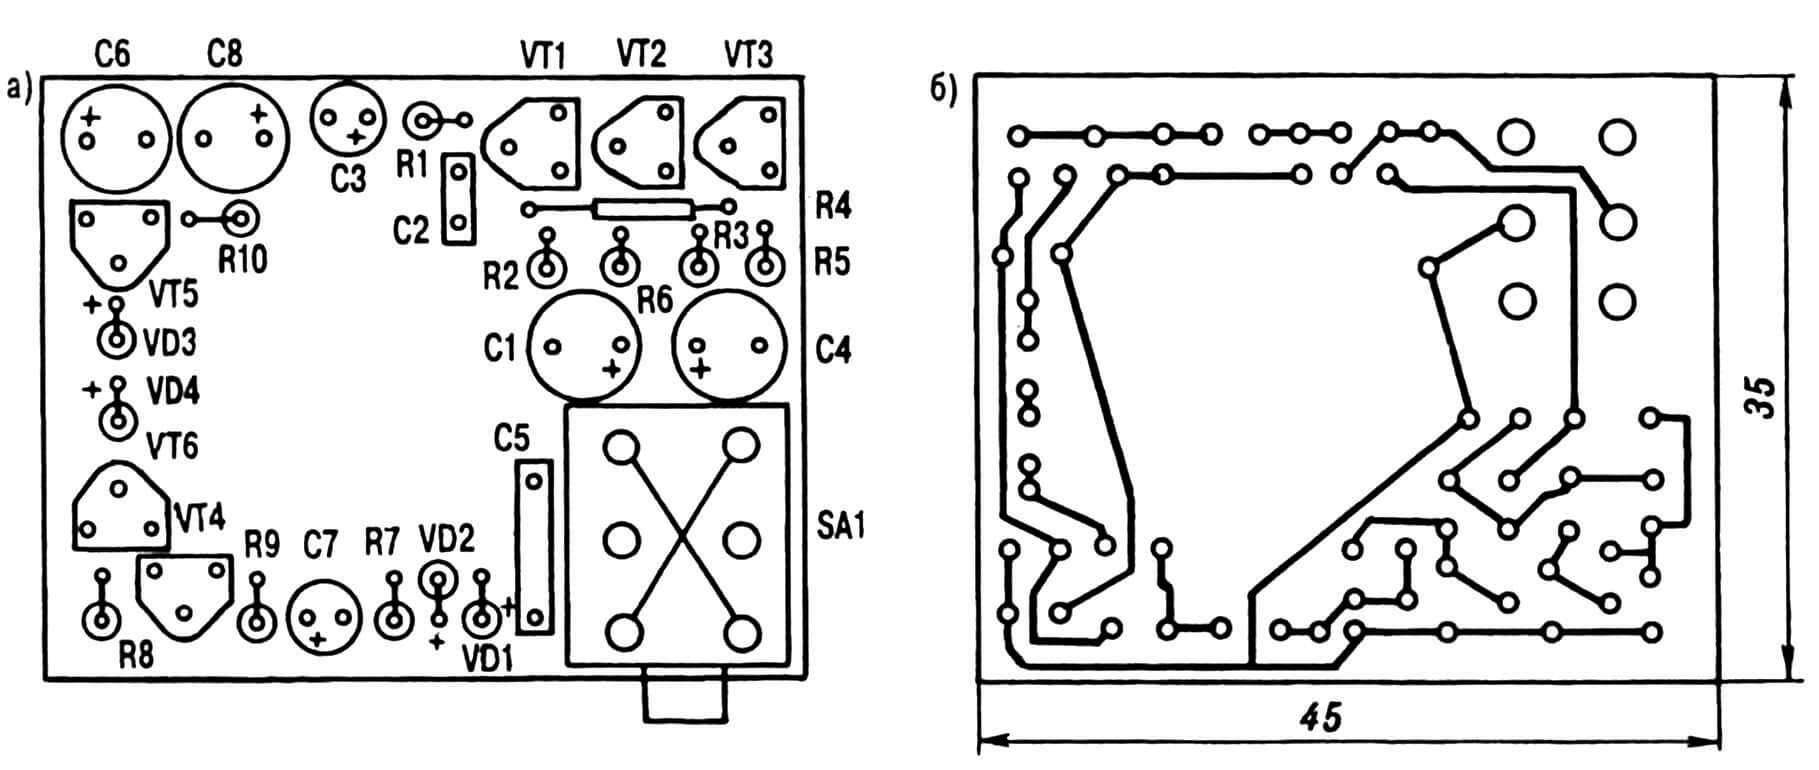 Рис. 3. Монтажная плата со стороны радиодеталей (а) и конфигурация печатных проводников на ее фольгированной поверхности (б).